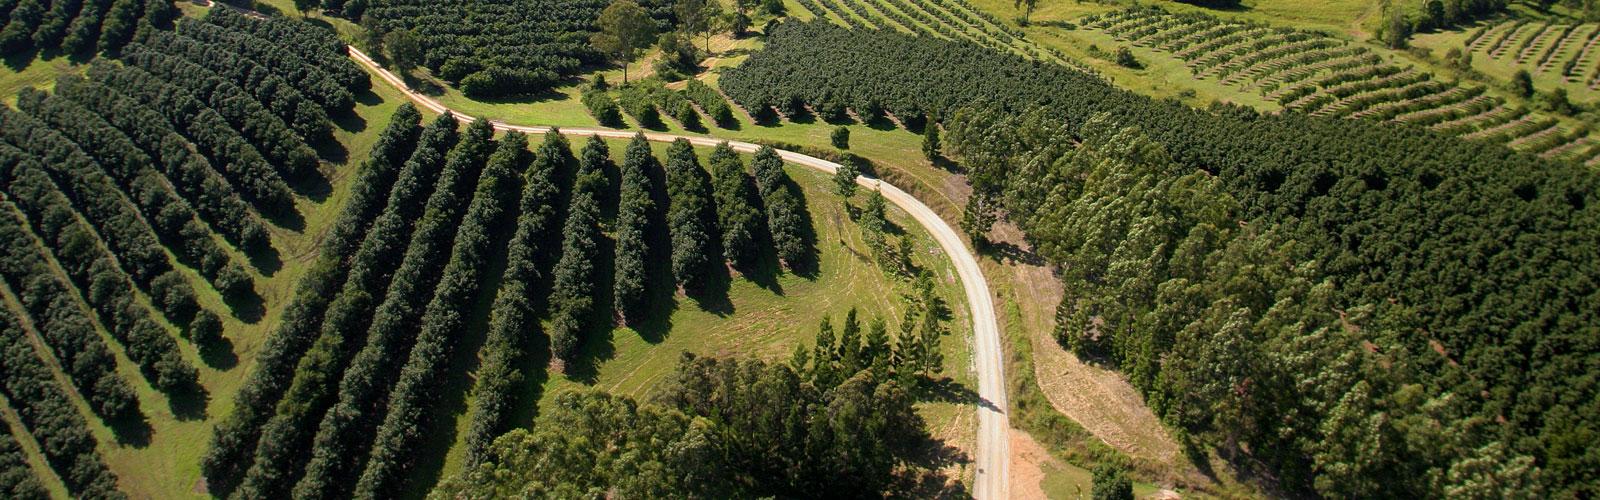 Noosa region Biosphere